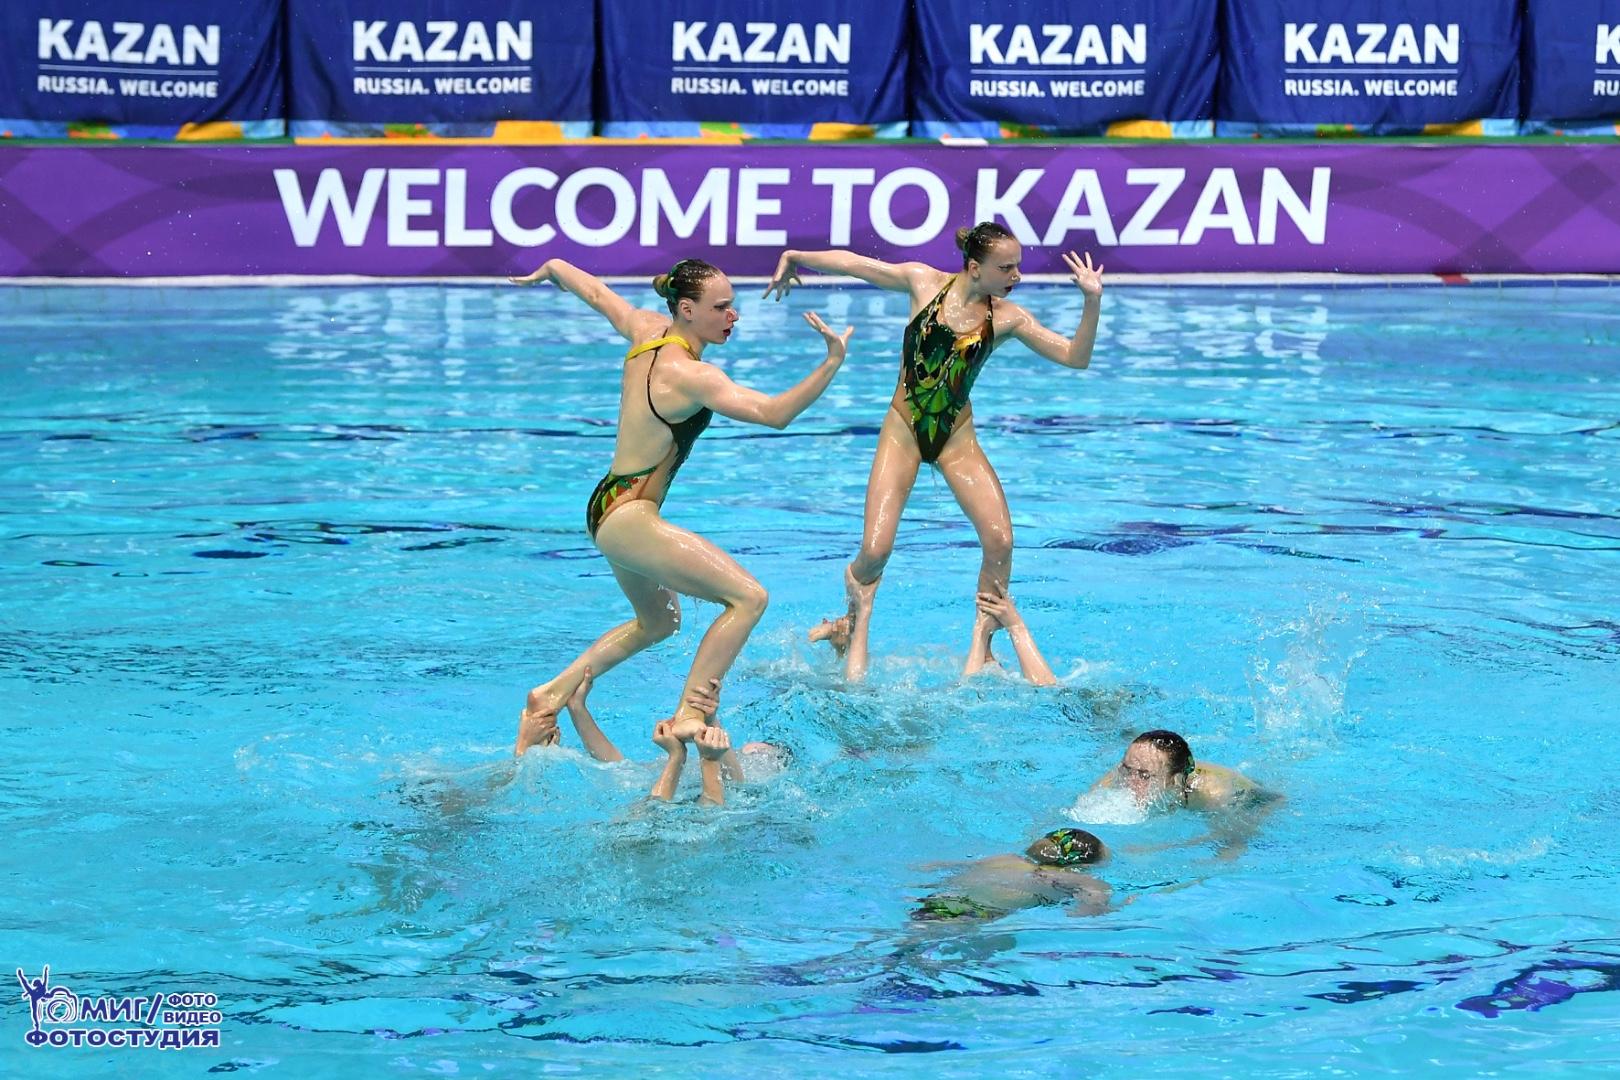 Завершился второй день чемпионата России по синхронному плаванию в Казани